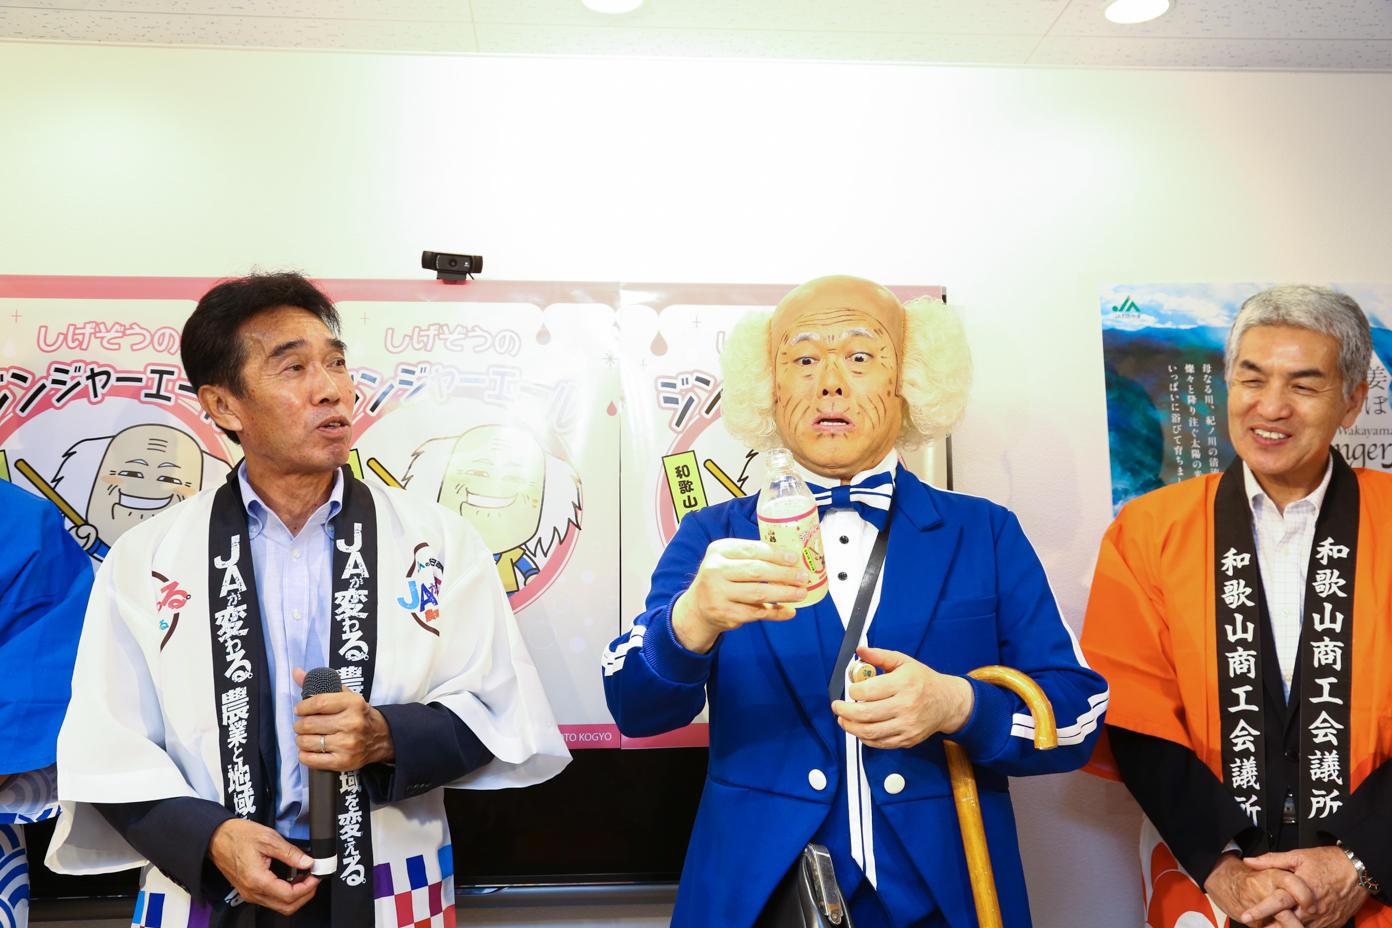 http://news.yoshimoto.co.jp/20180807212139-c16be68d34904edded732857c12b7a05b4f93339.jpg